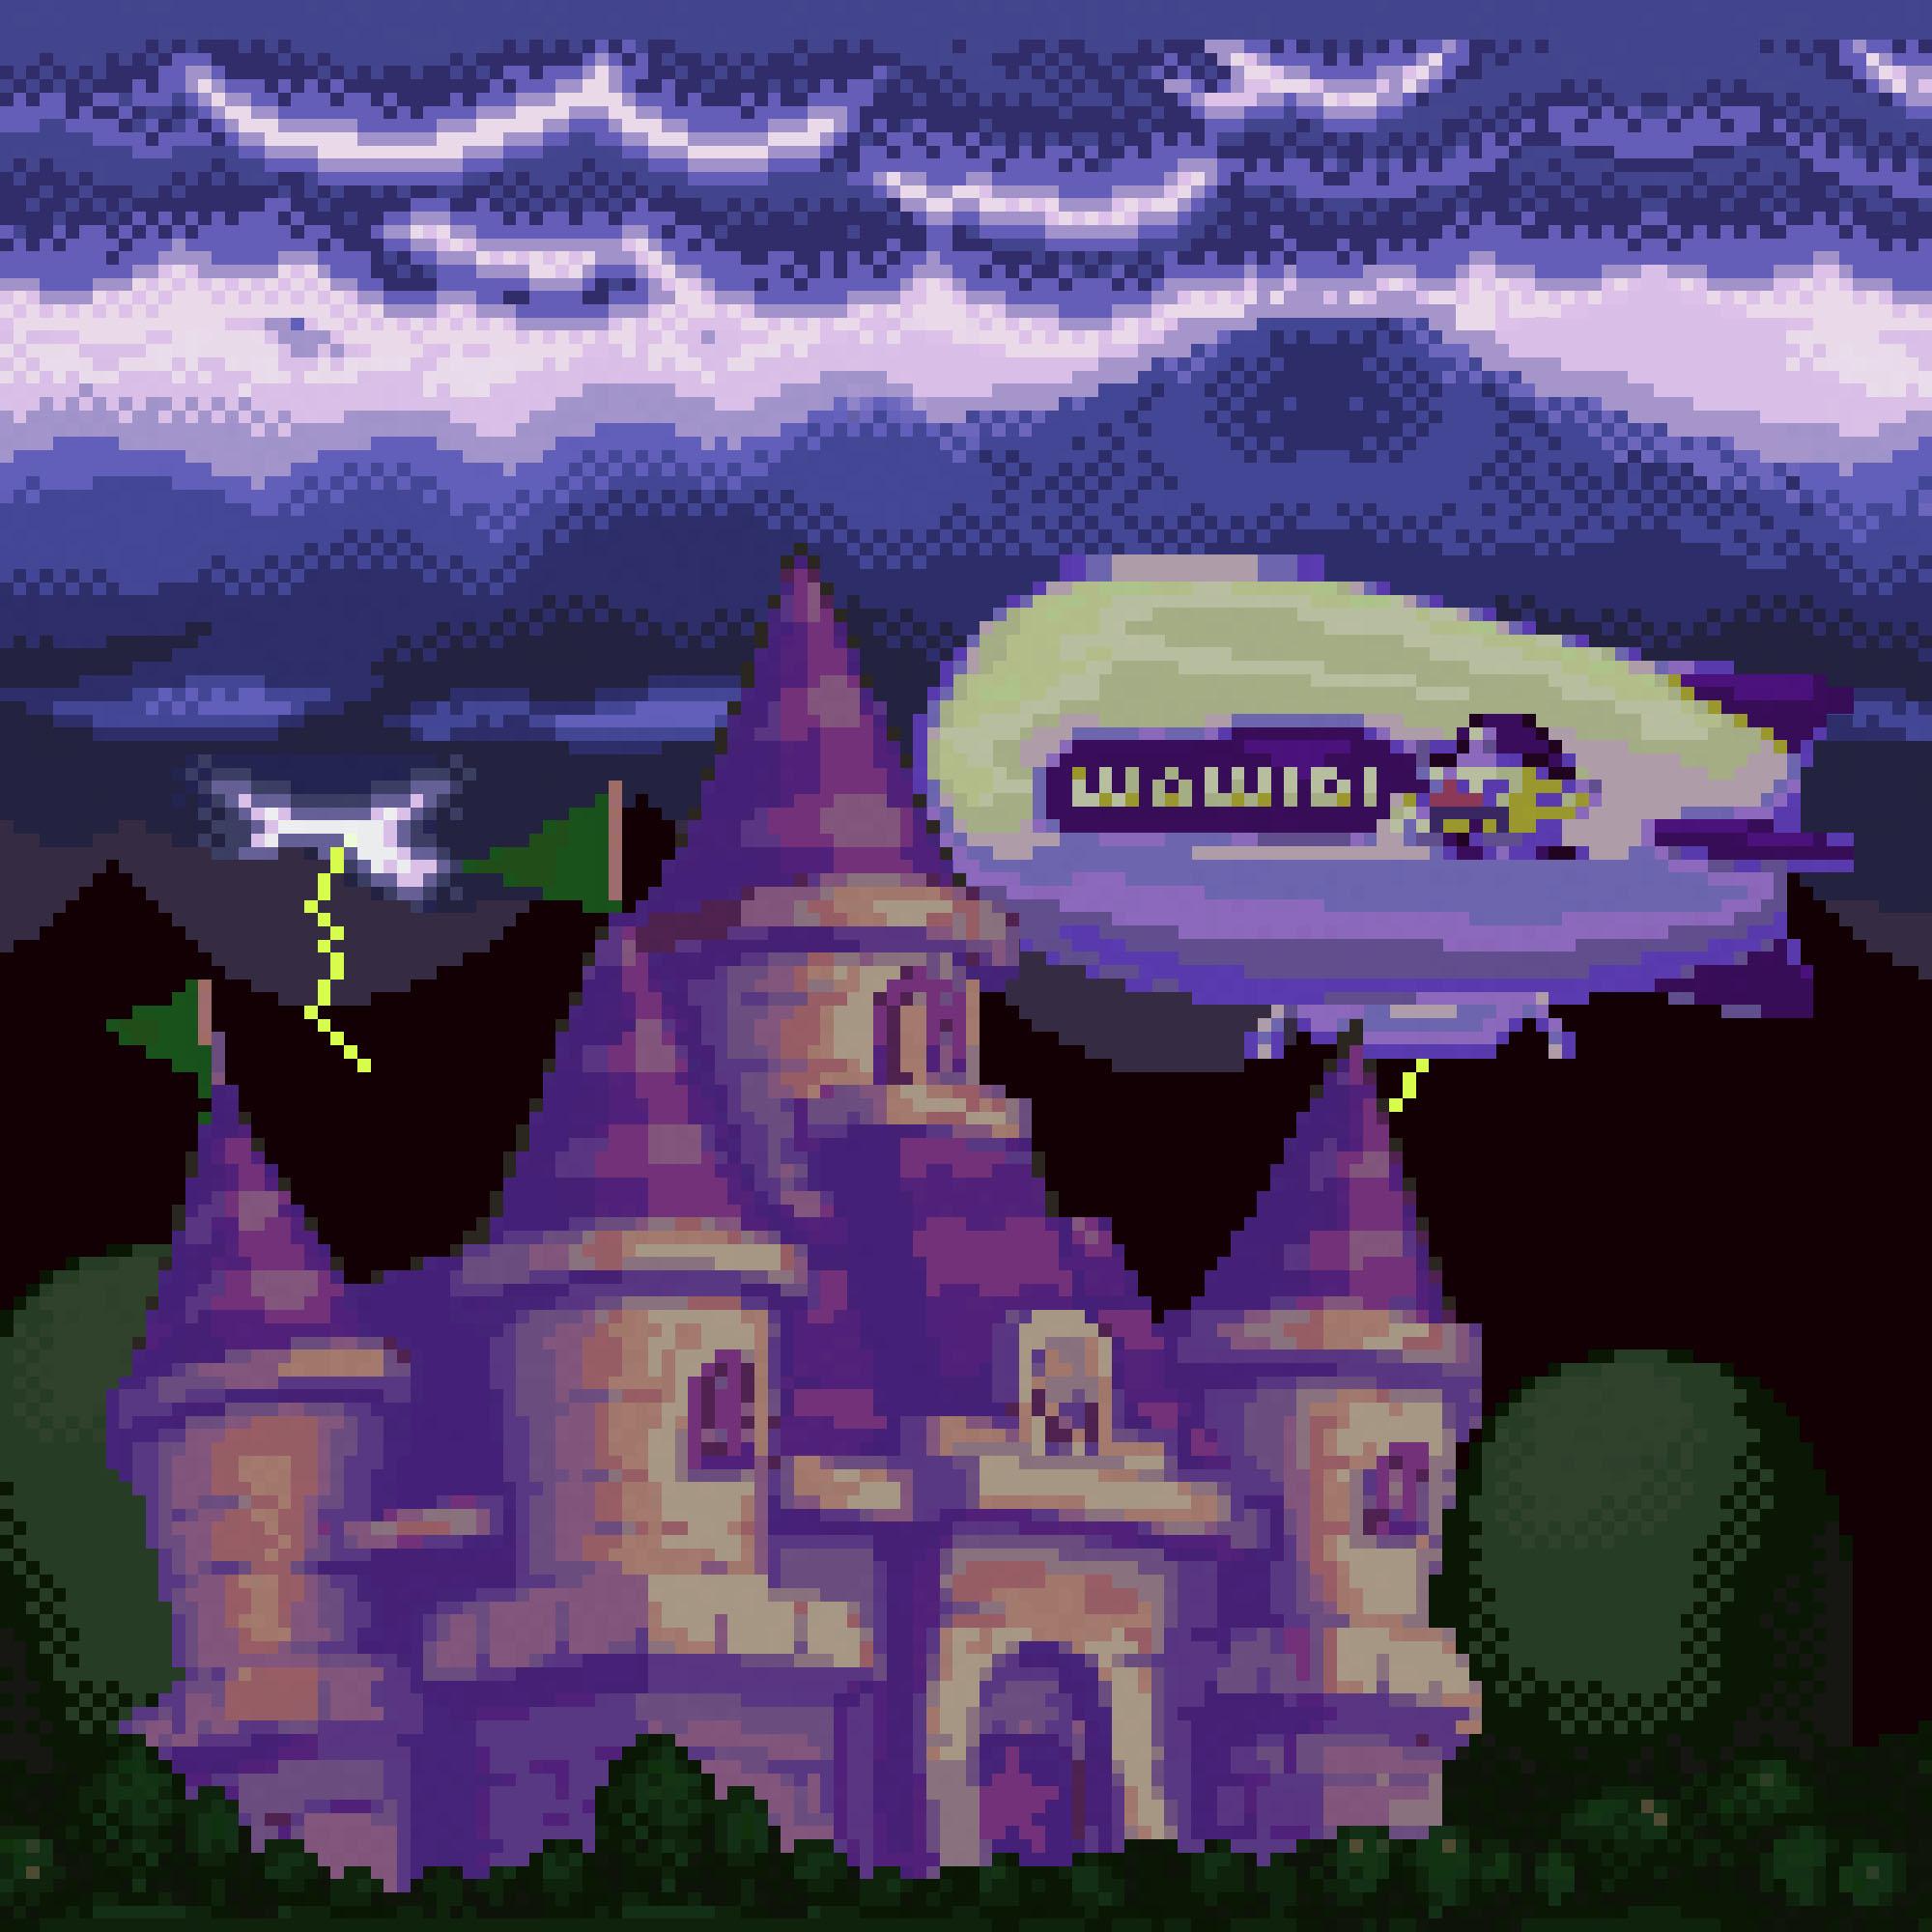 waluigi-castle.png